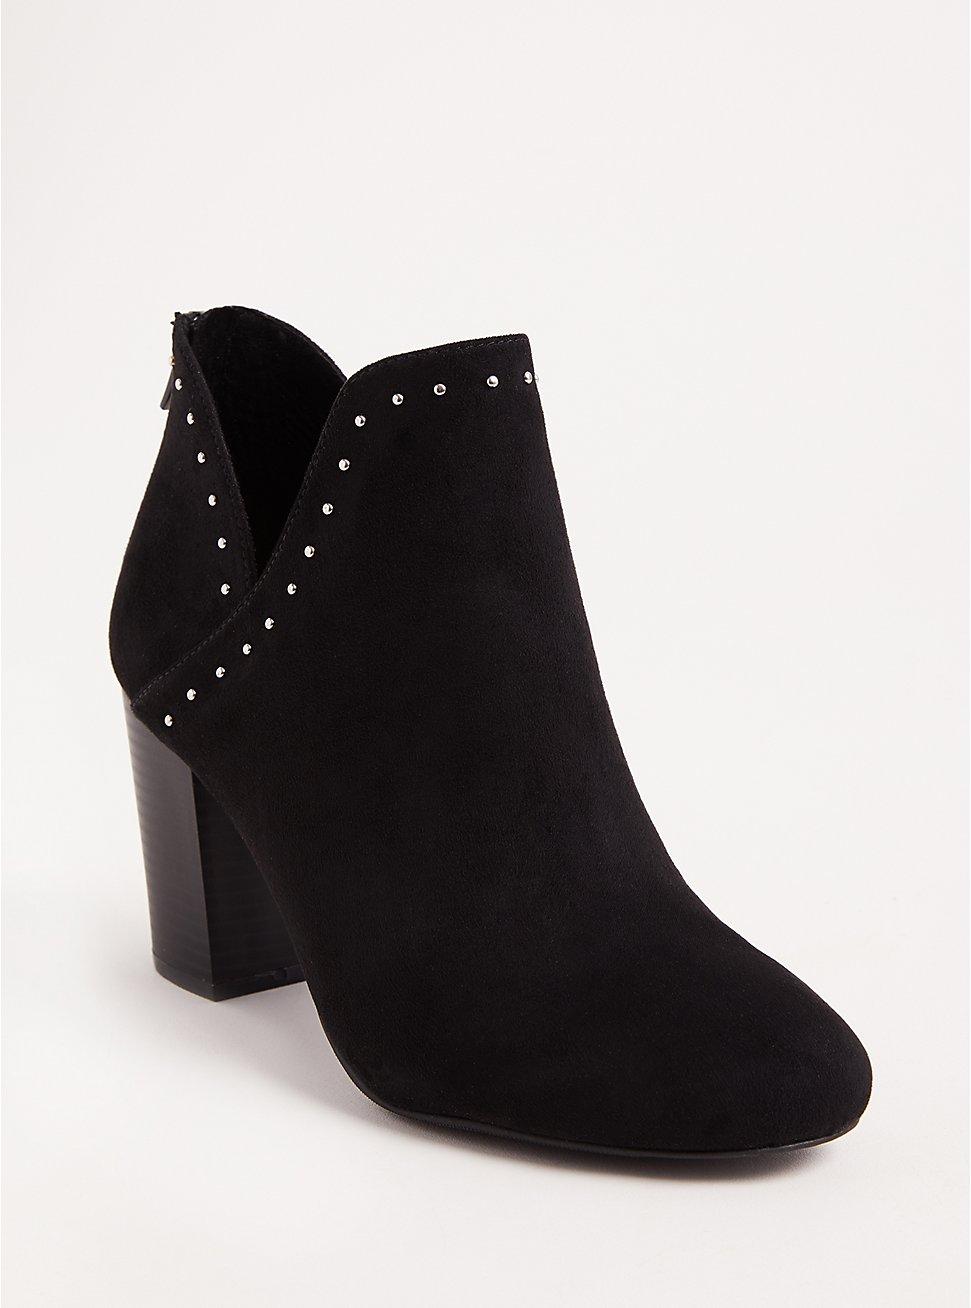 Black V-Cut Studded Ankle Bootie (Wide Width), BLACK, hi-res